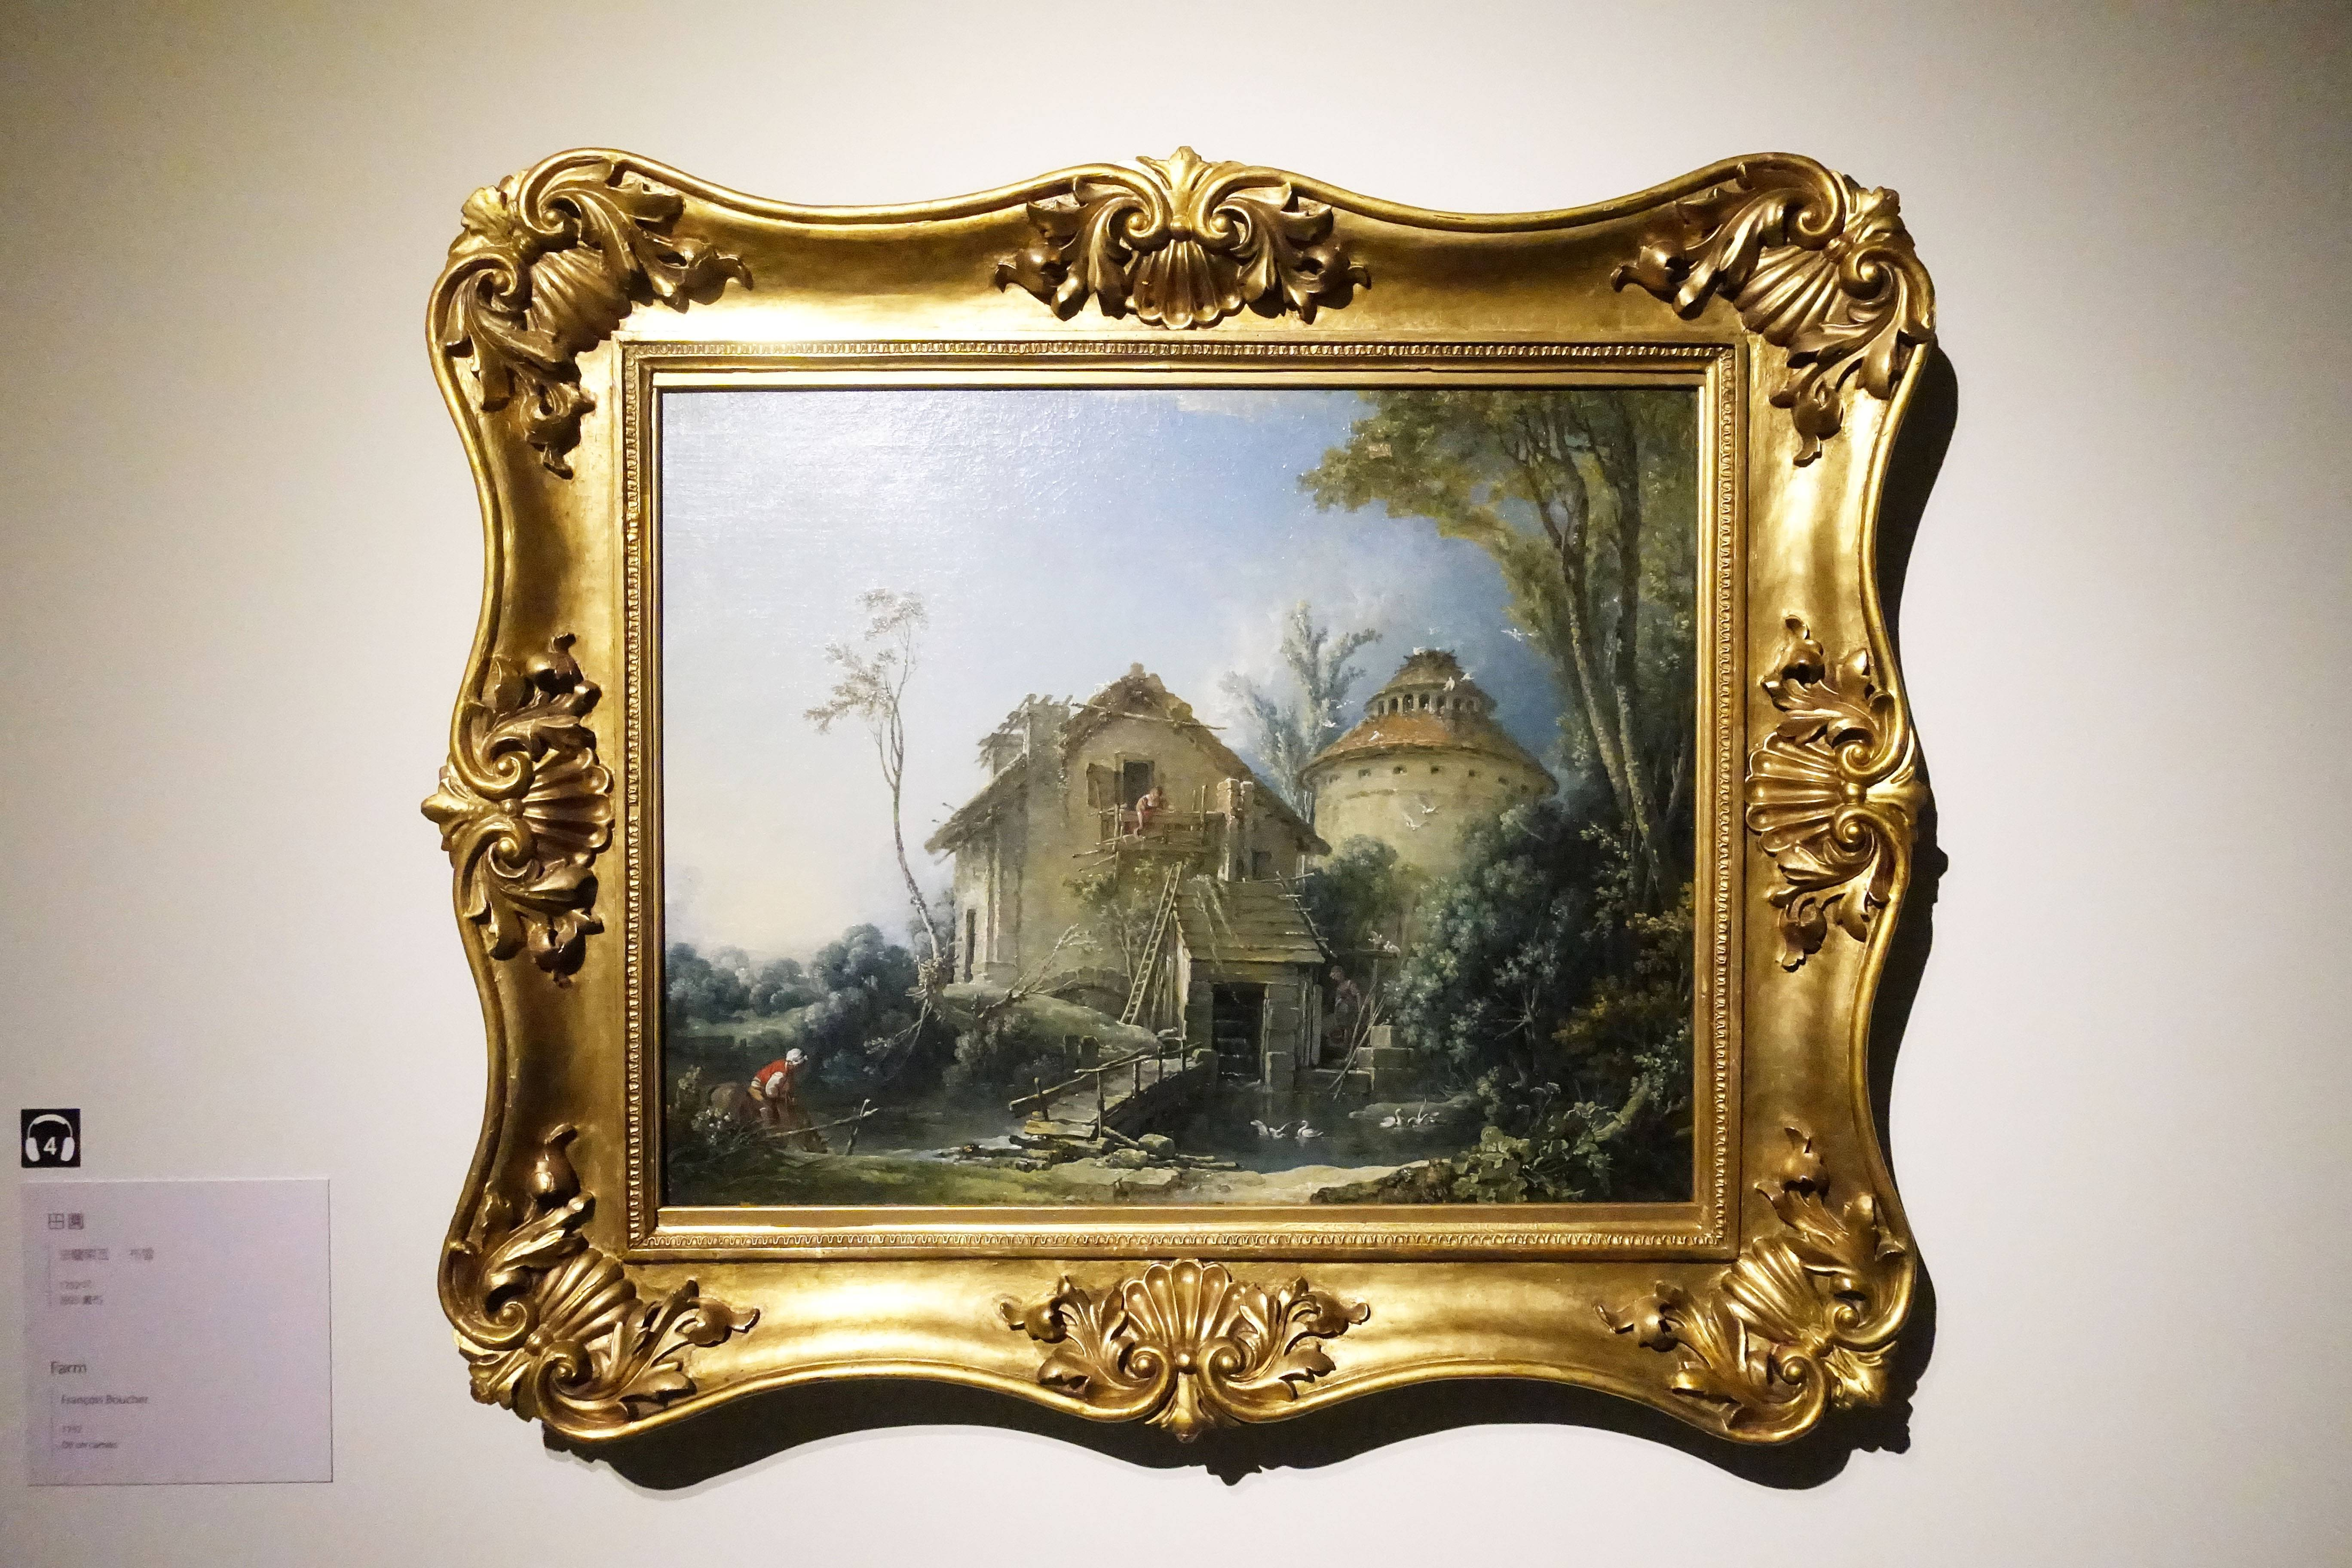 法蘭索瓦.布雪 François Boucher,《田園 Farm》,油彩、畫布 Oil on canvas。